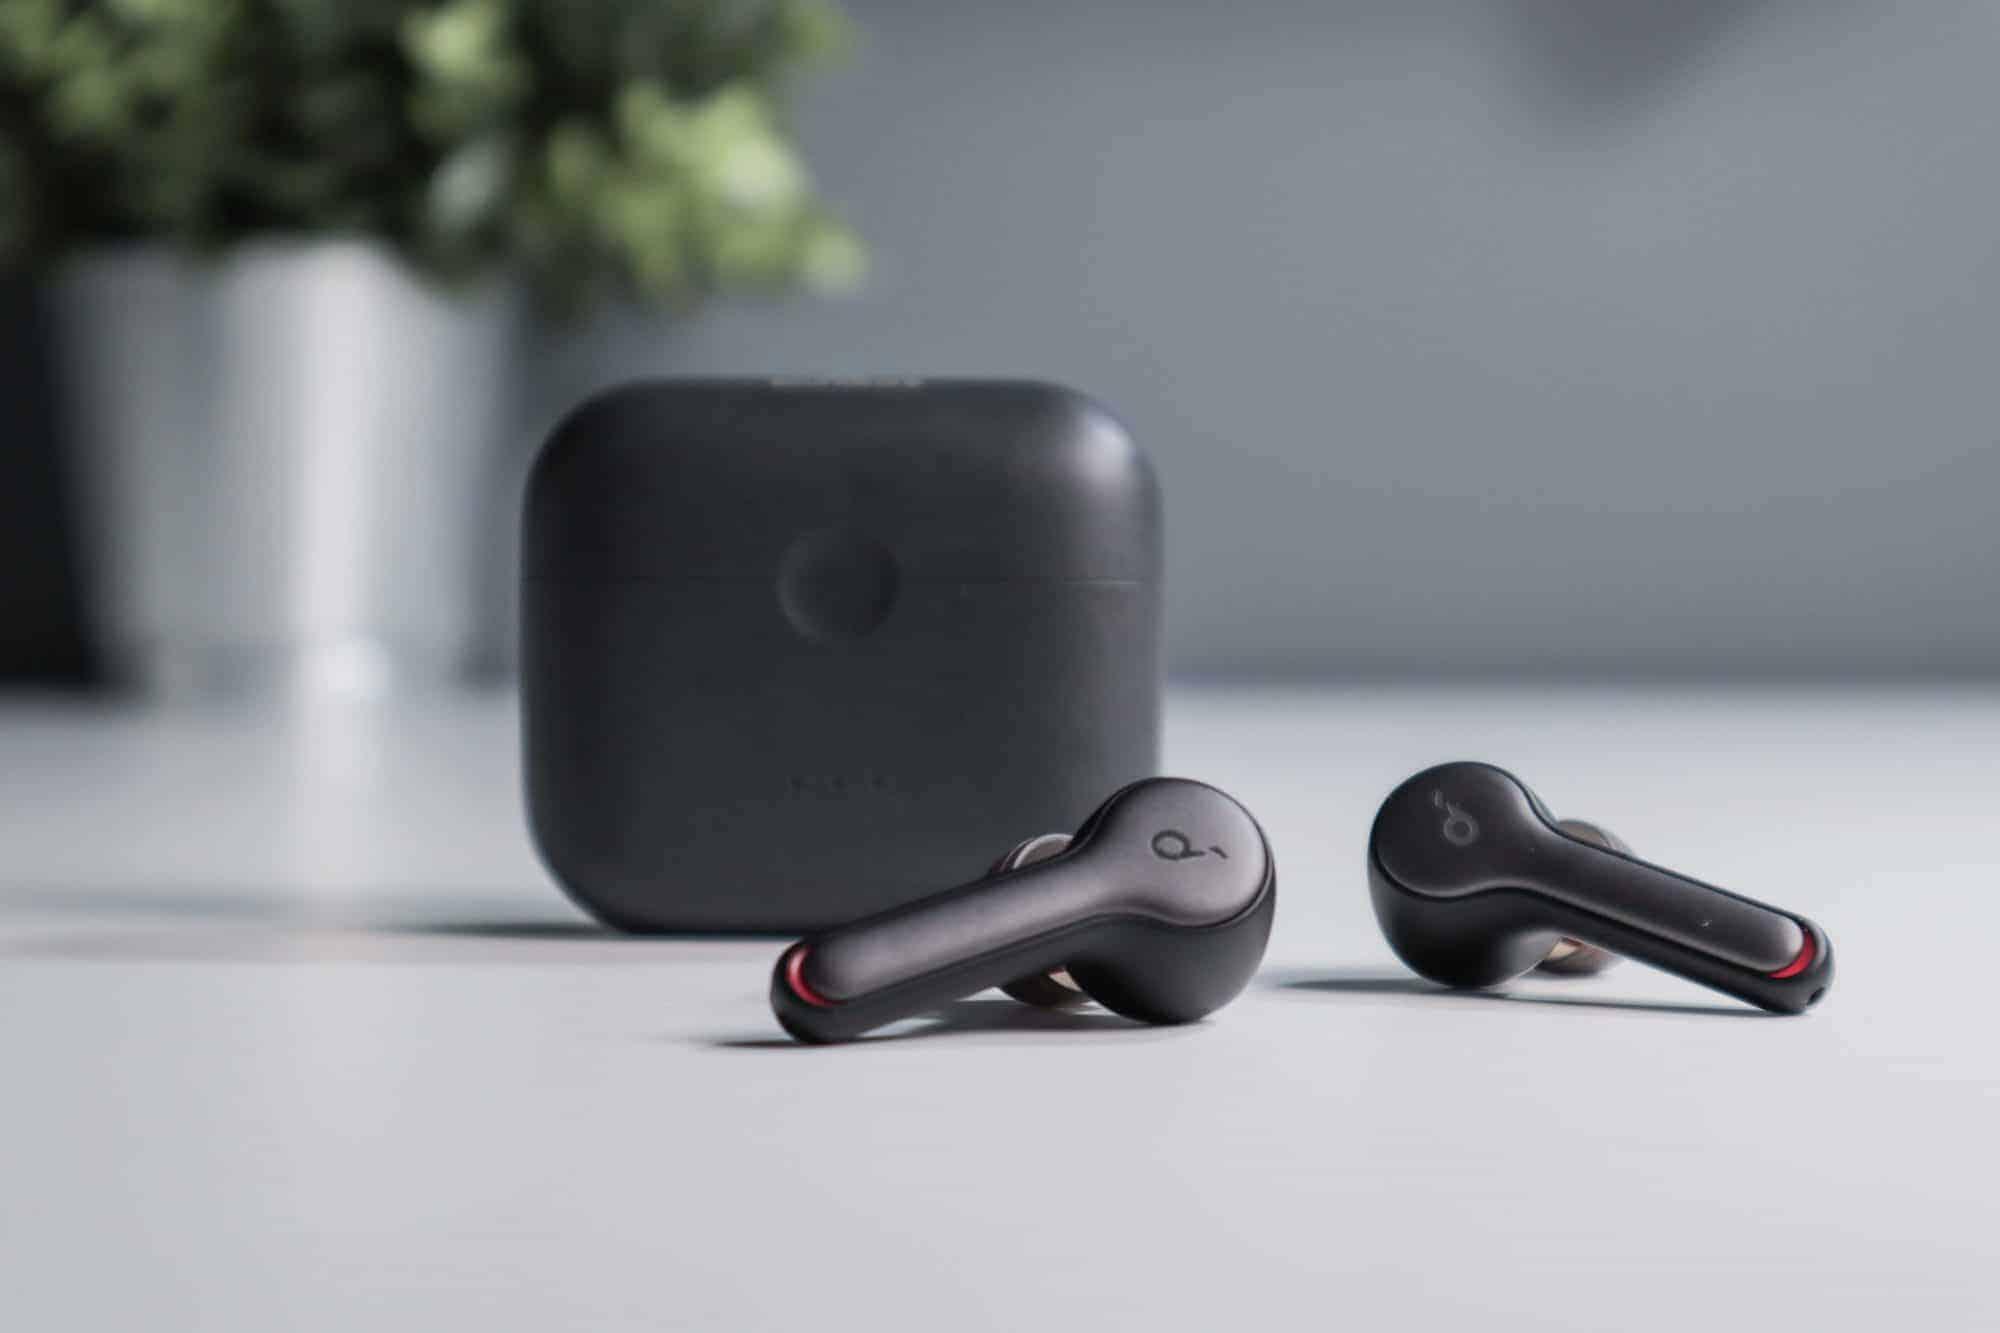 各品牌集體評比! 2020年15款熱門真無線藍牙耳機 推薦